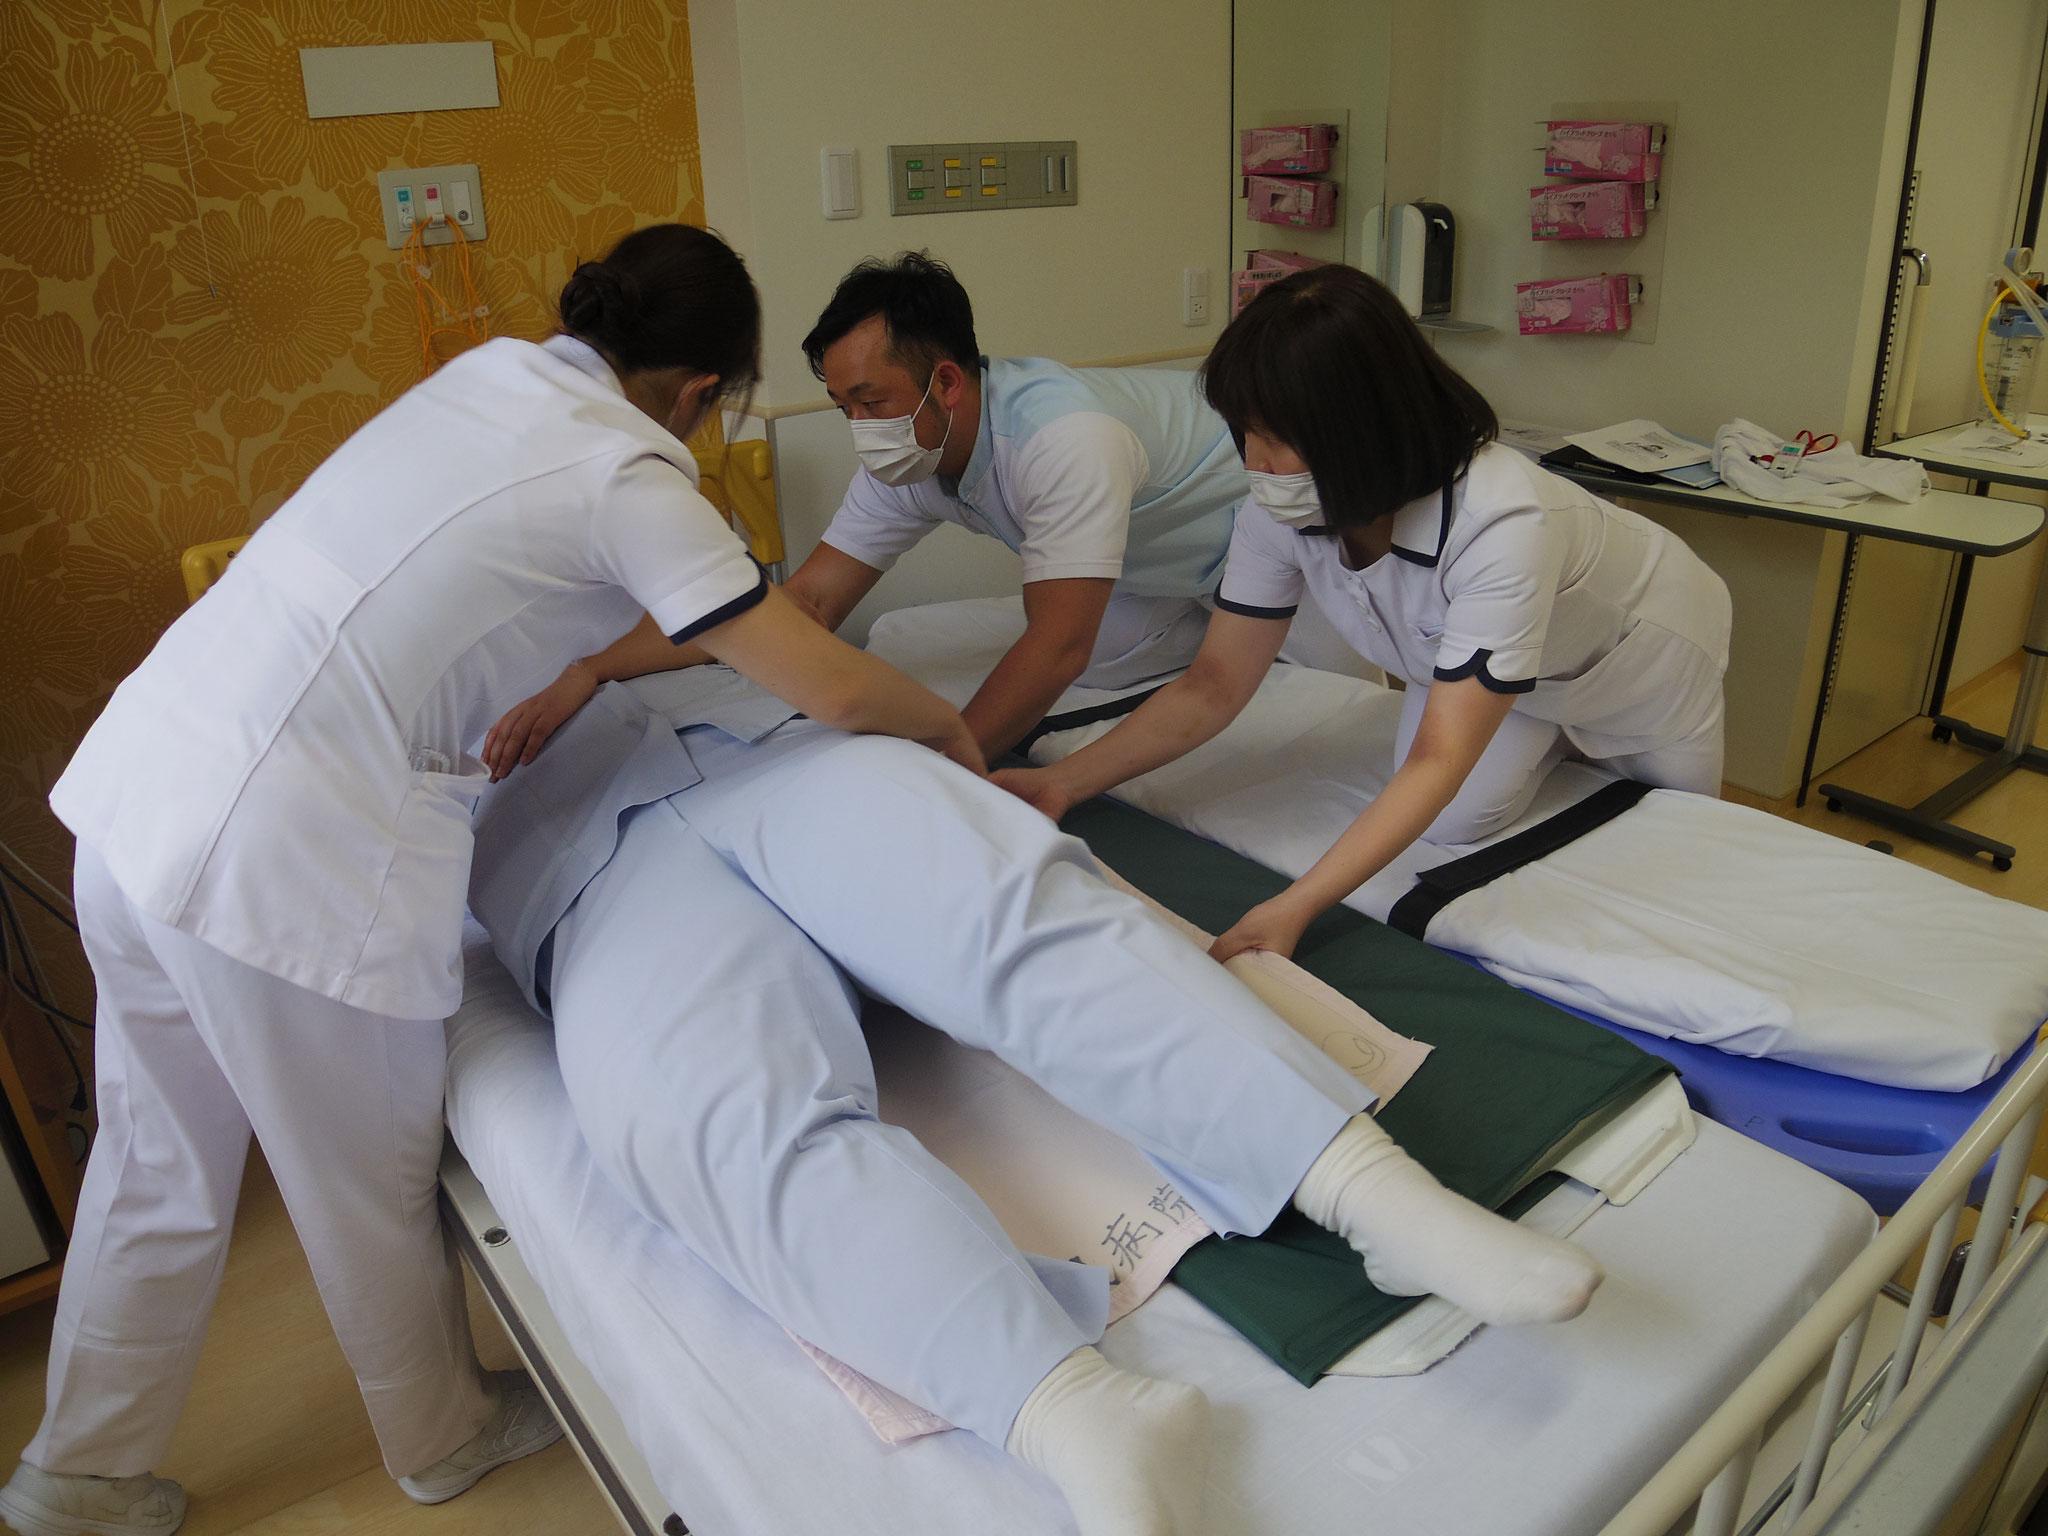 【新採用看護師研修】移乗・体転は、介護福祉士のスタッフから教わります